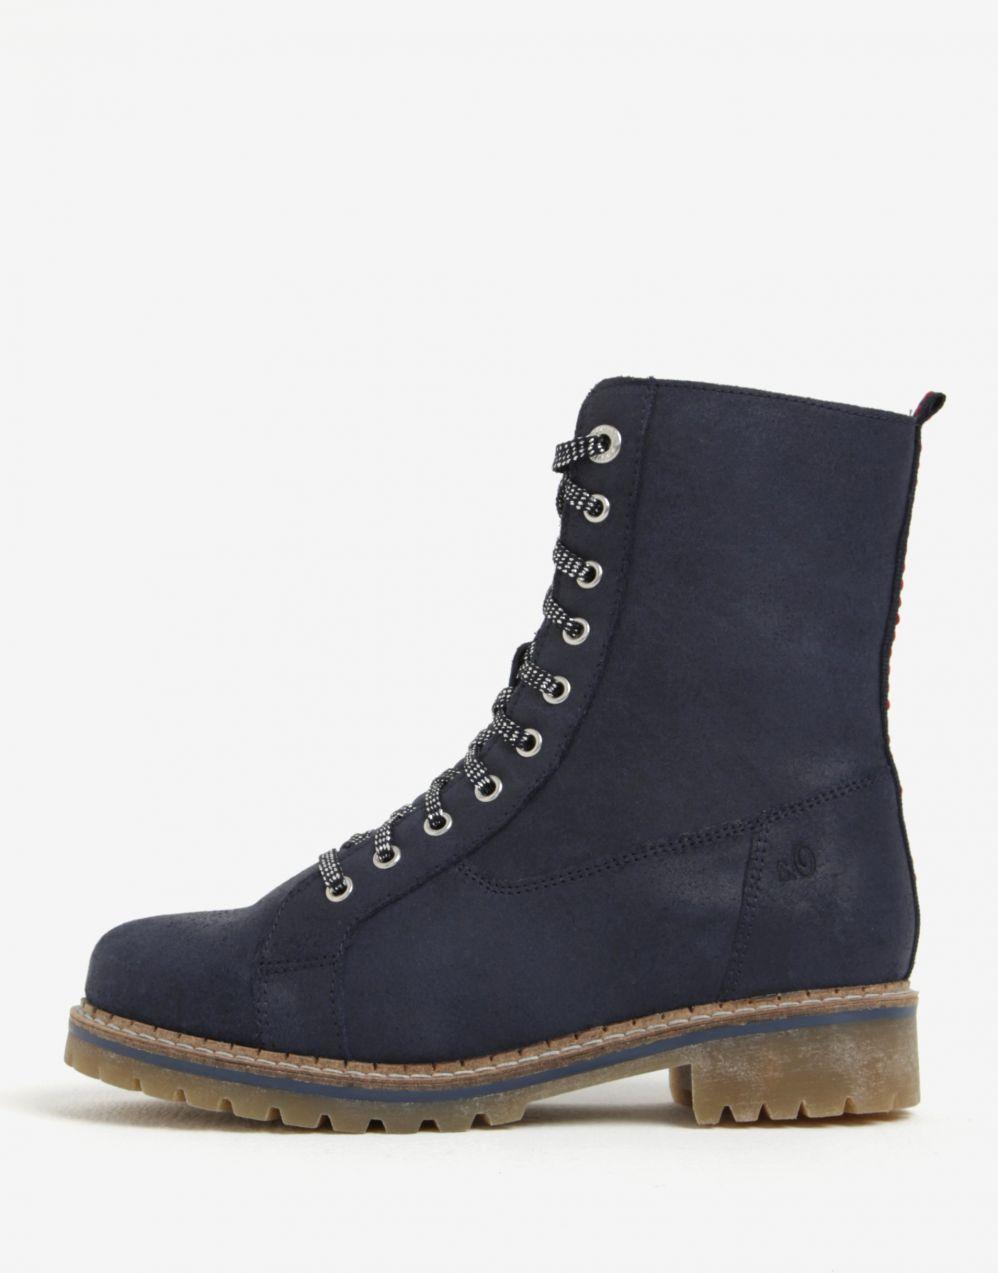 612790d286771 Tmavomodré dámske kožené zimné členkové topánky s.Oliver značky s.Oliver -  Lovely.sk